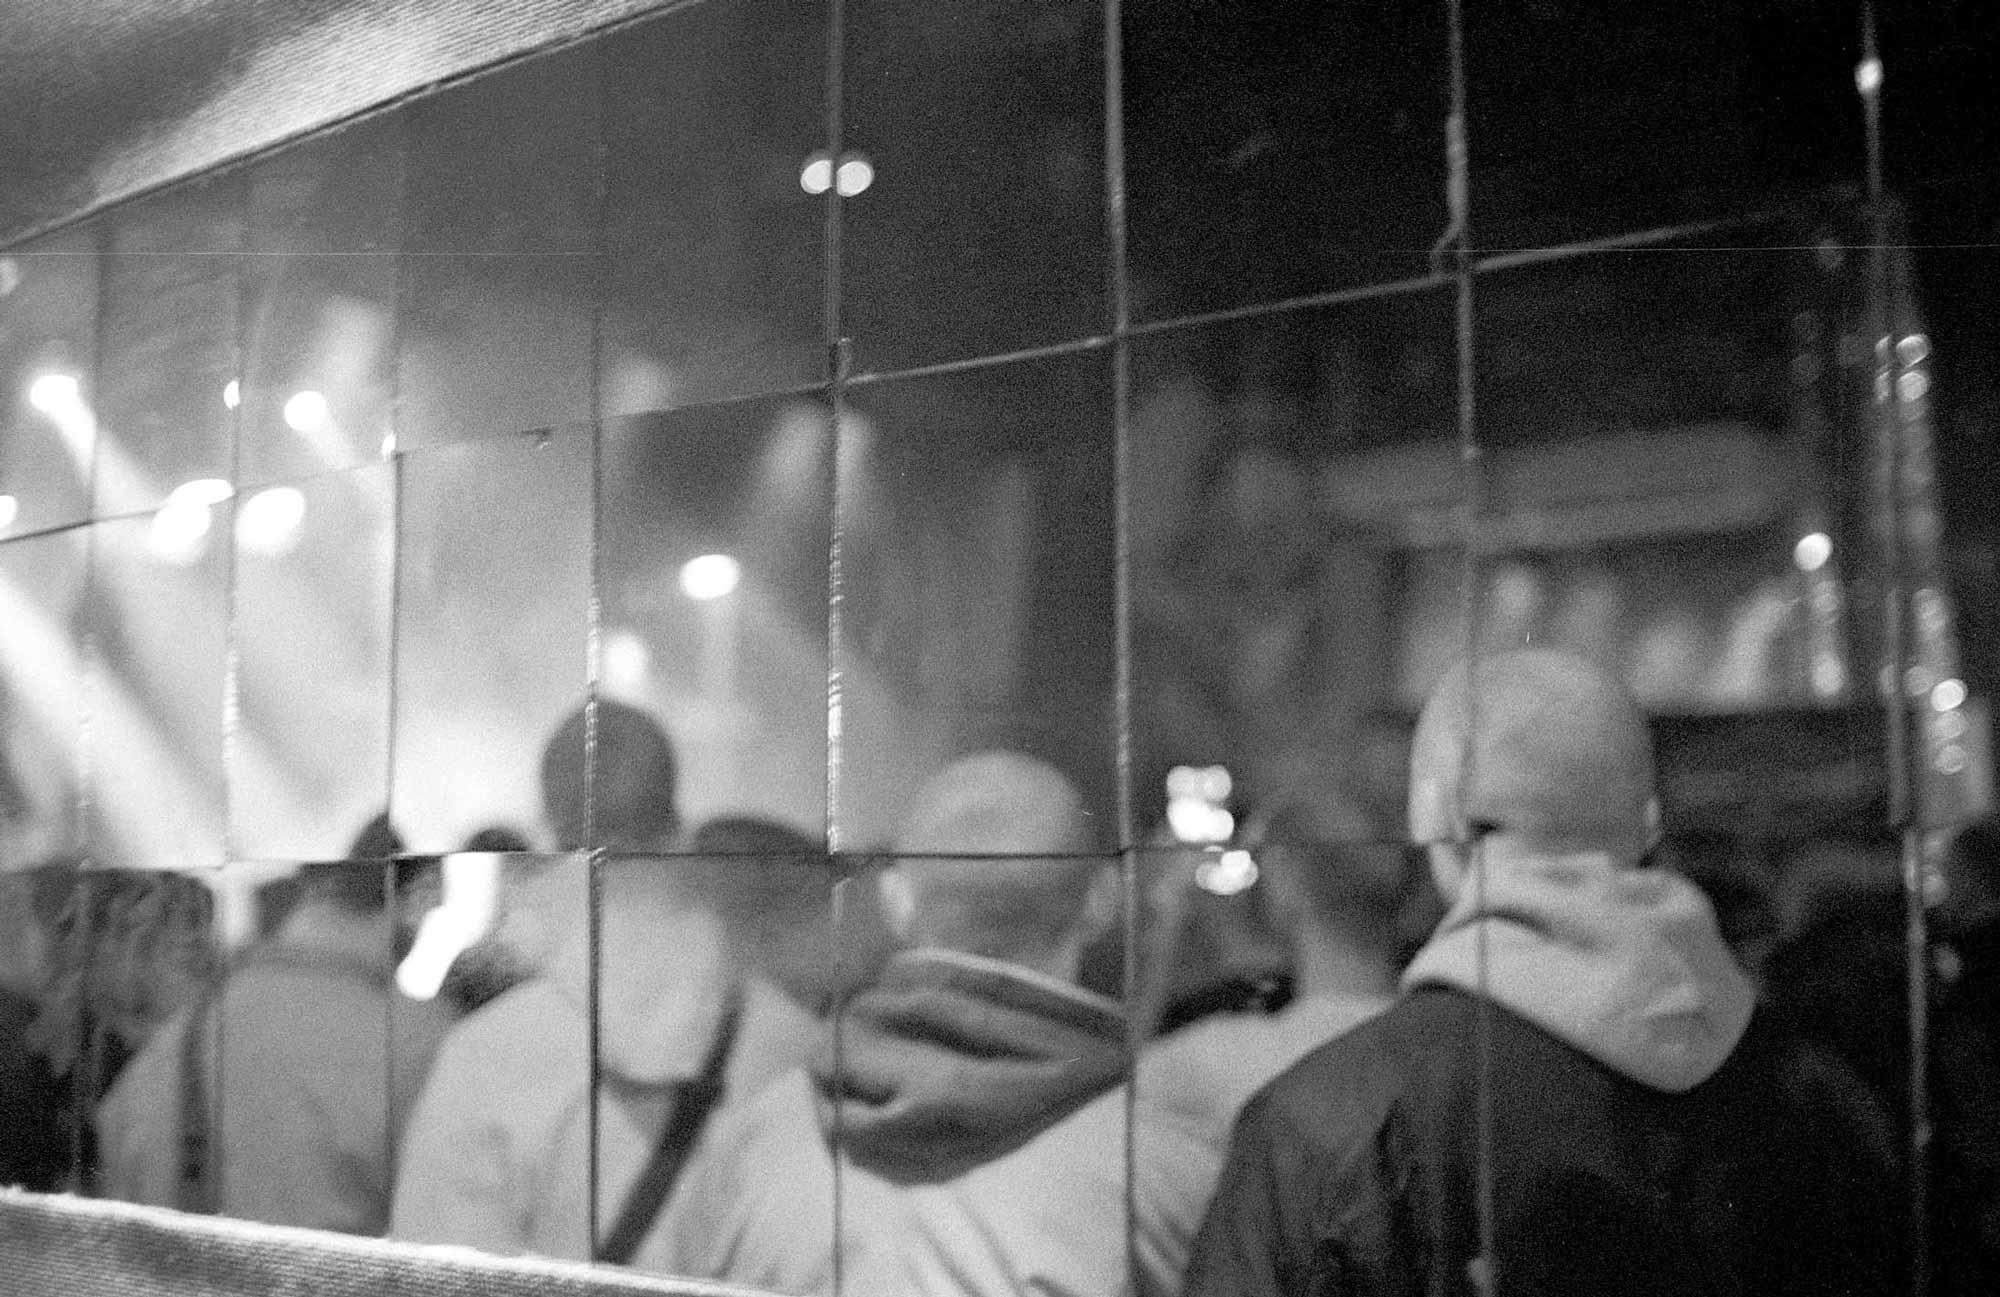 2020 12 15 0006 web 1 - <b>«Молот Гітлера» в колишньому гей-клубі.</b> Фоторепортаж Заборони з поясненням, чому це важливо - Заборона